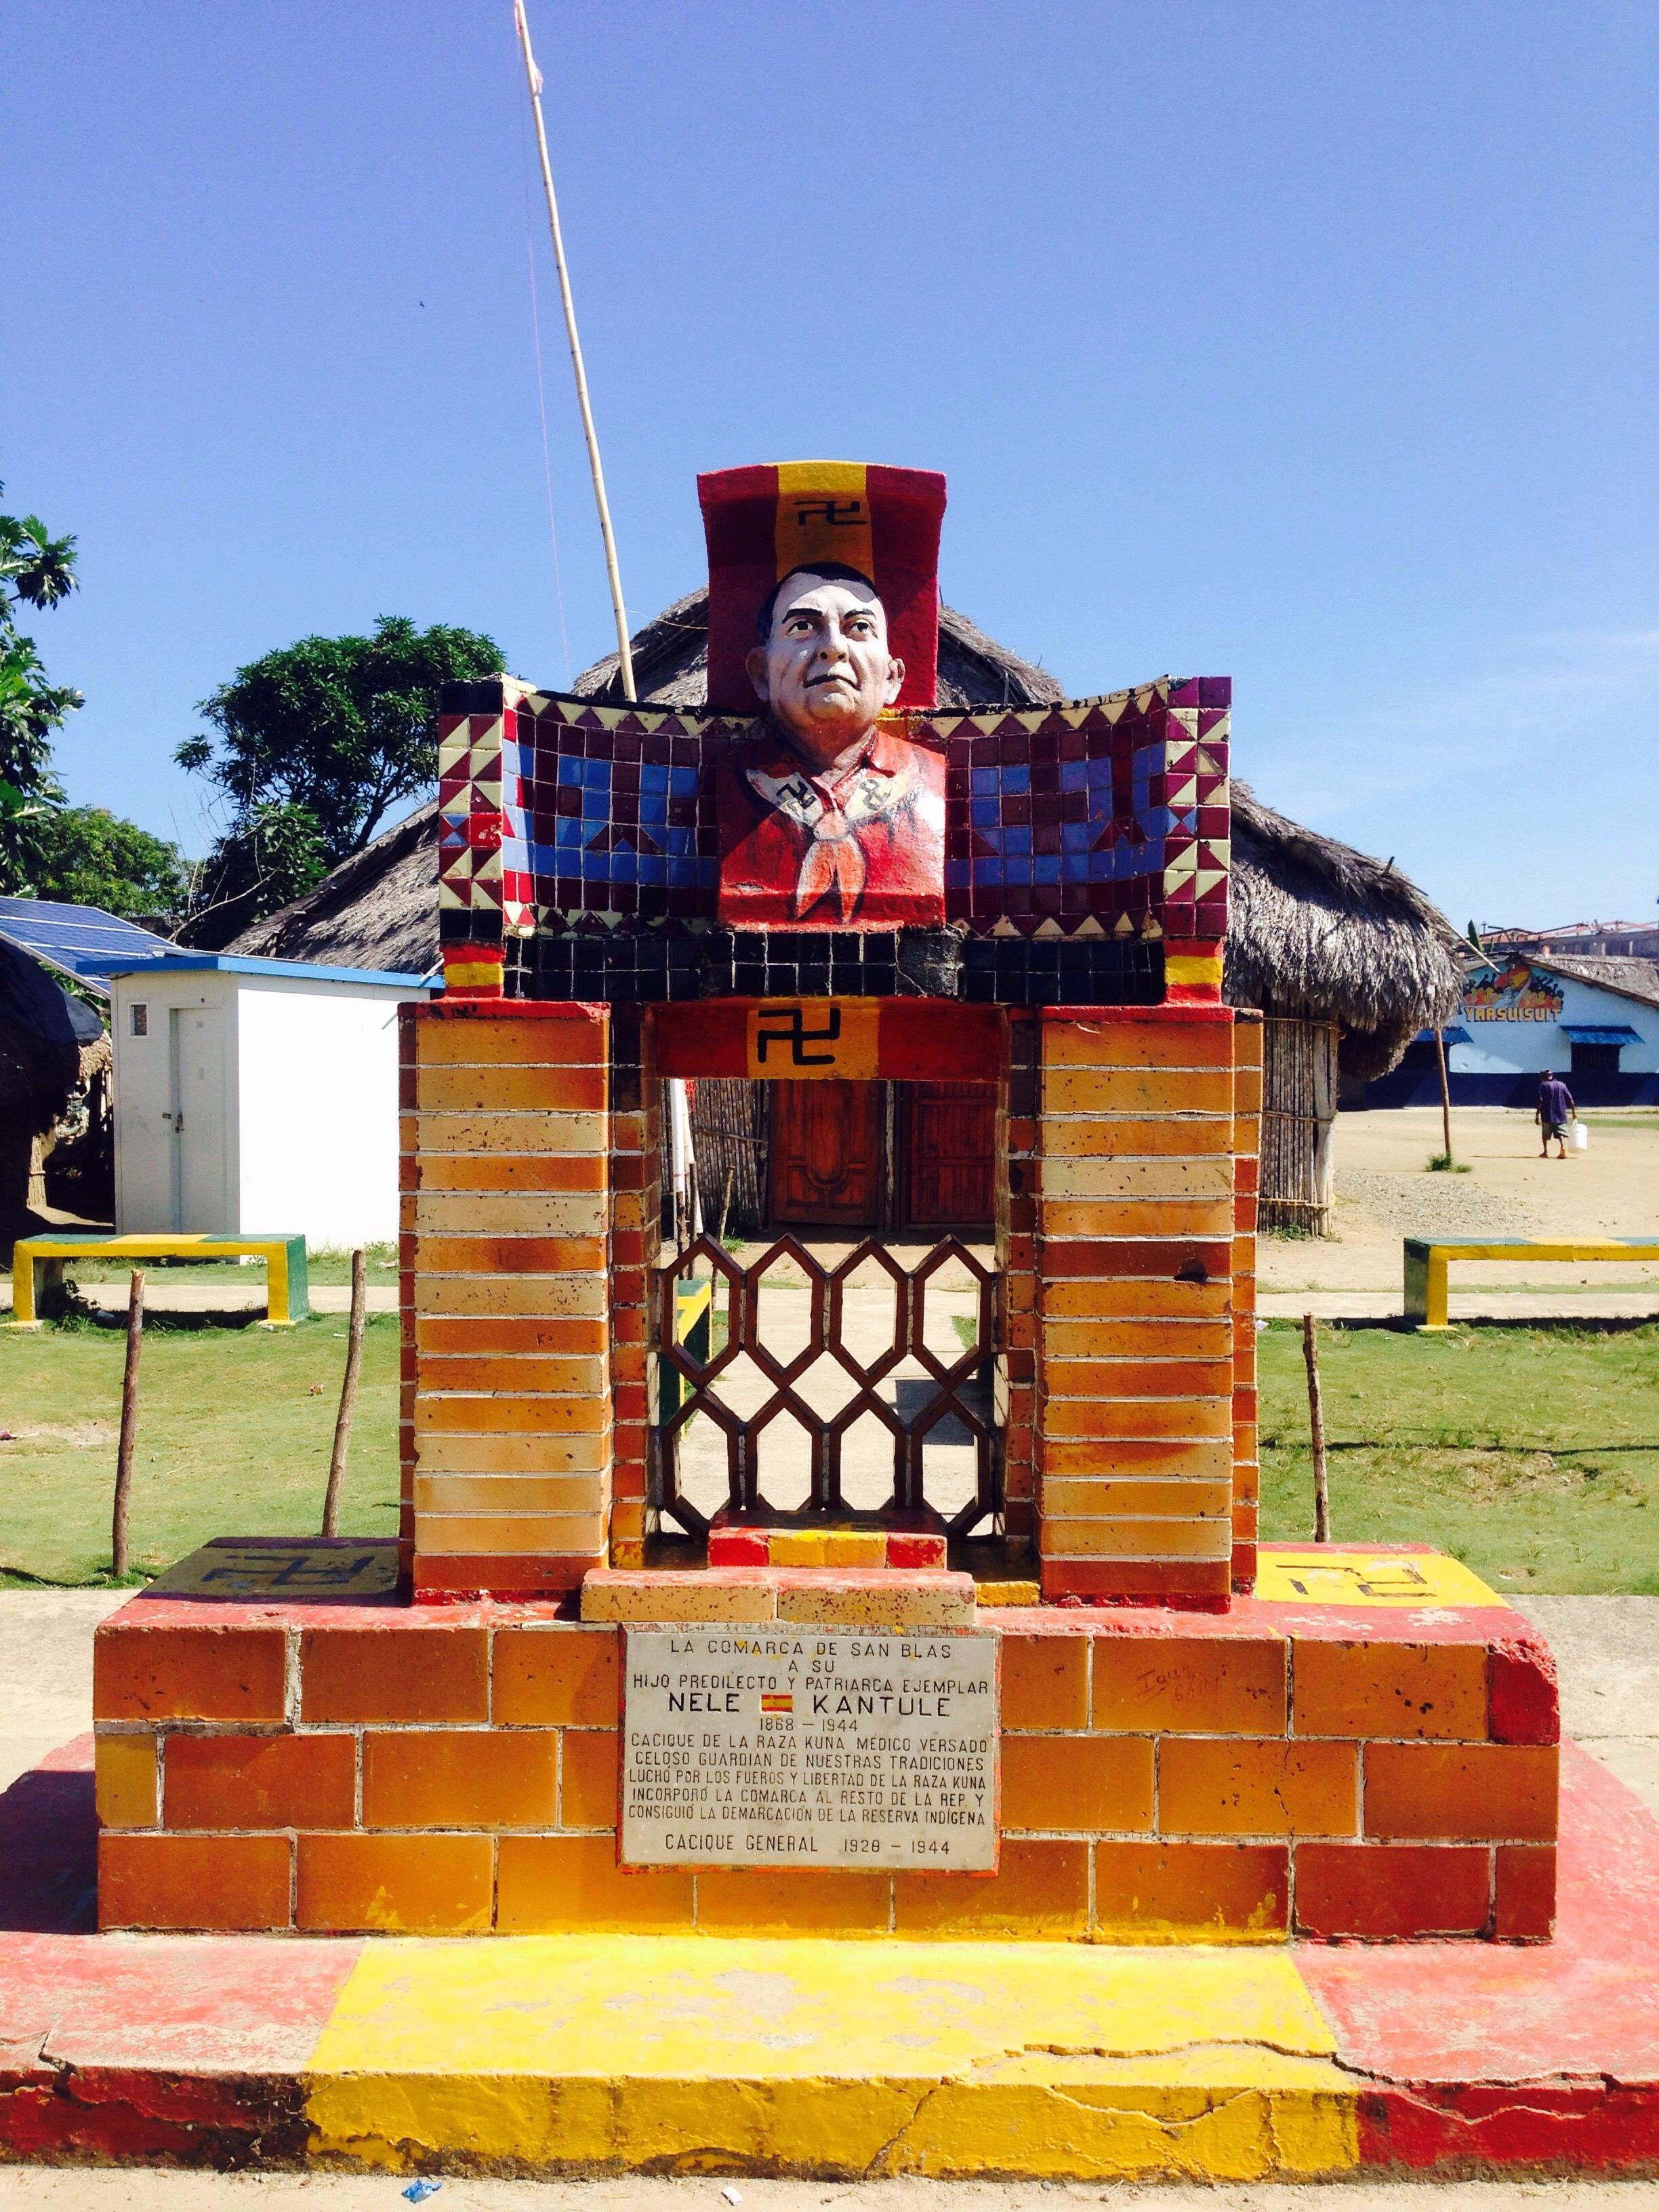 Nele Kantule monument on Ustupu